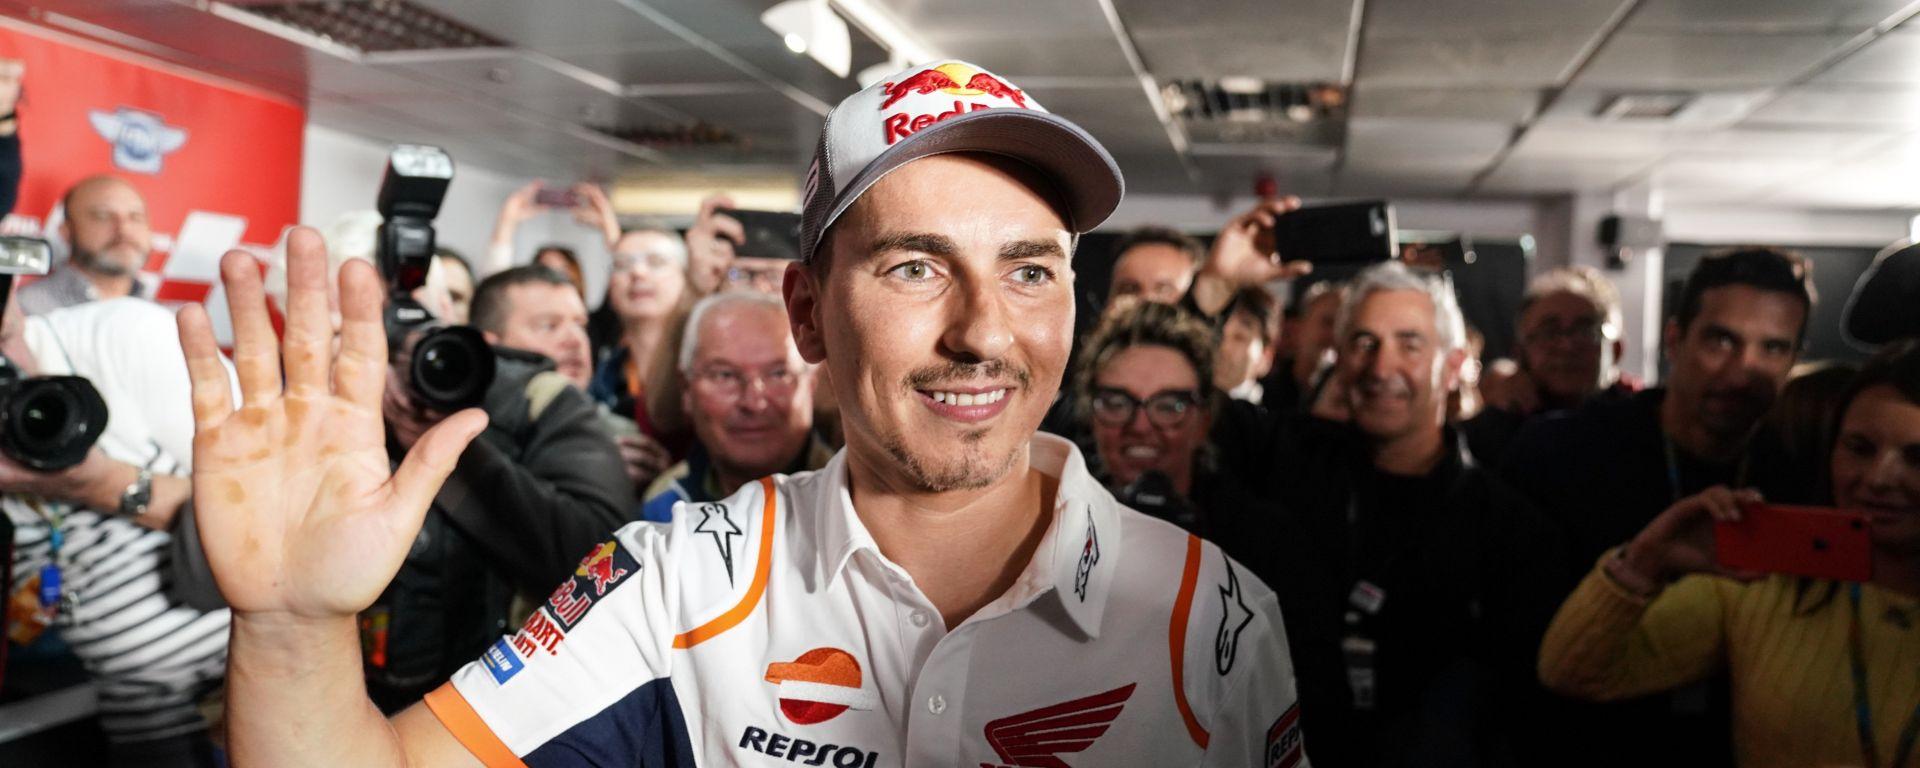 MotoGP 2019: Jorge Lorenzo al termine della conferenza stampa in cui ha annunciato l'addio alle corse